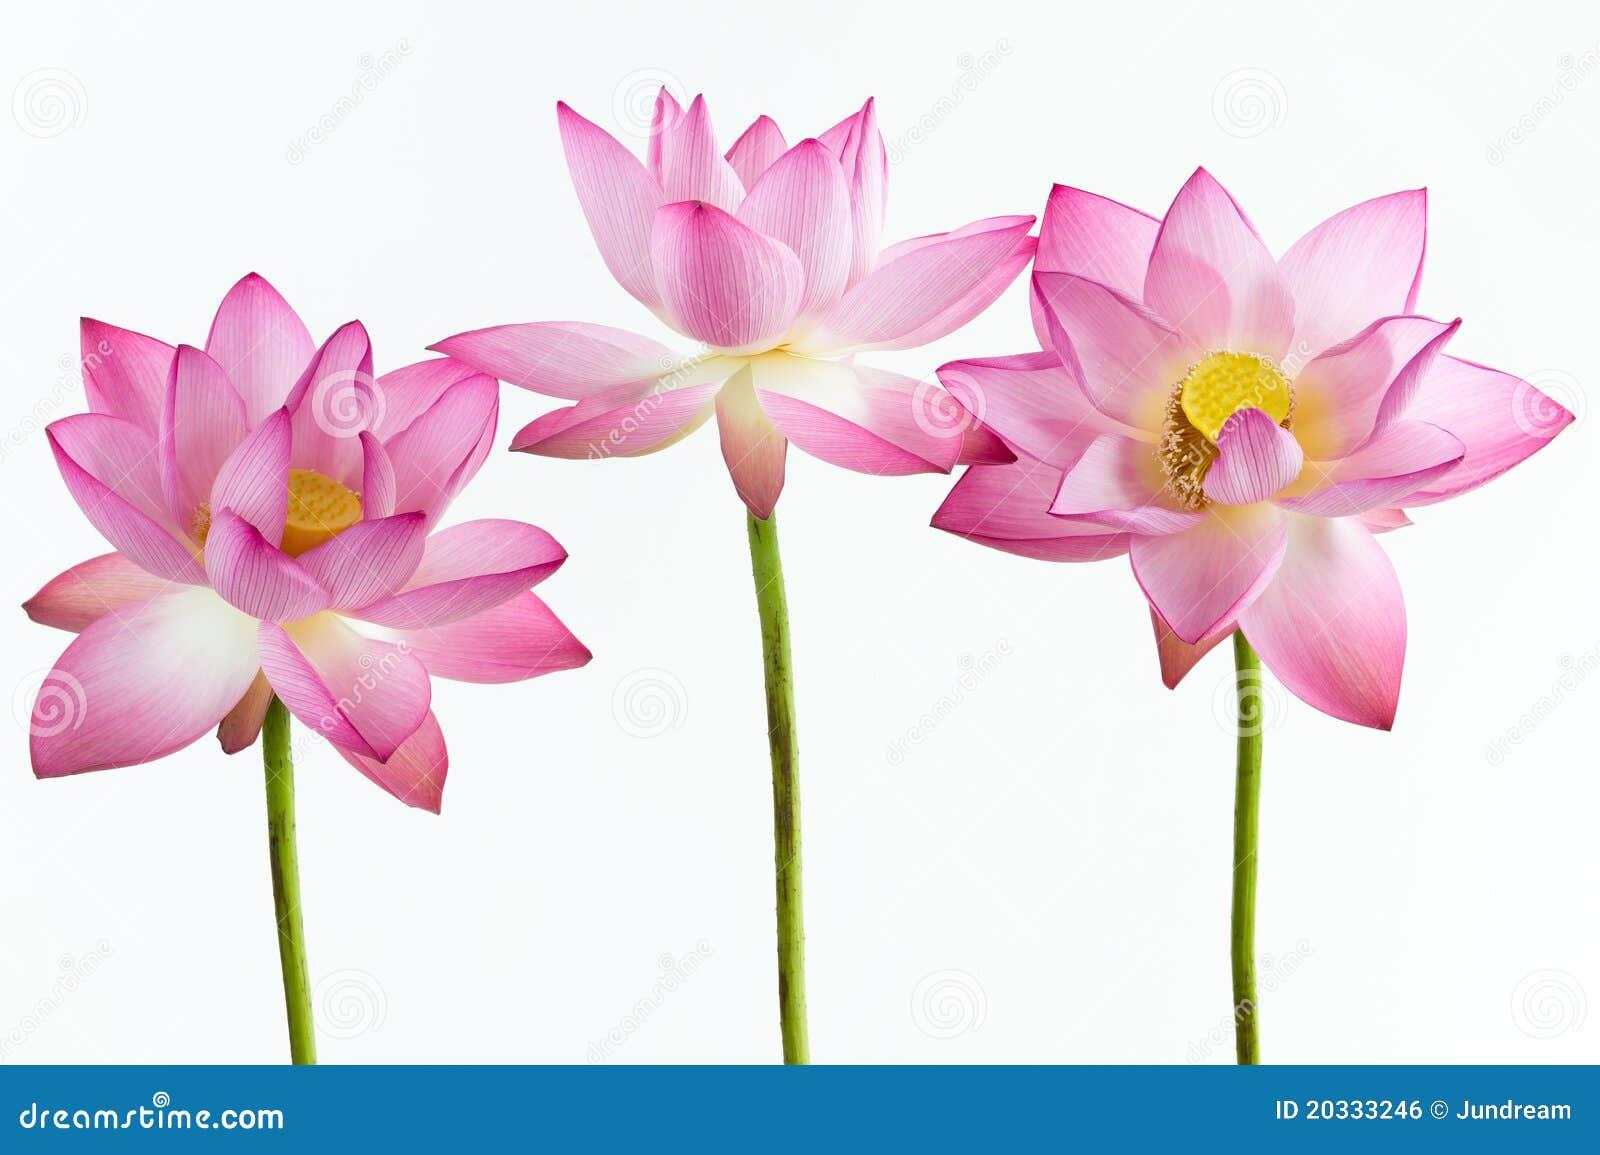 FLOWER DELIVERY DUBAI  ONLINE FLORIST DUBAI